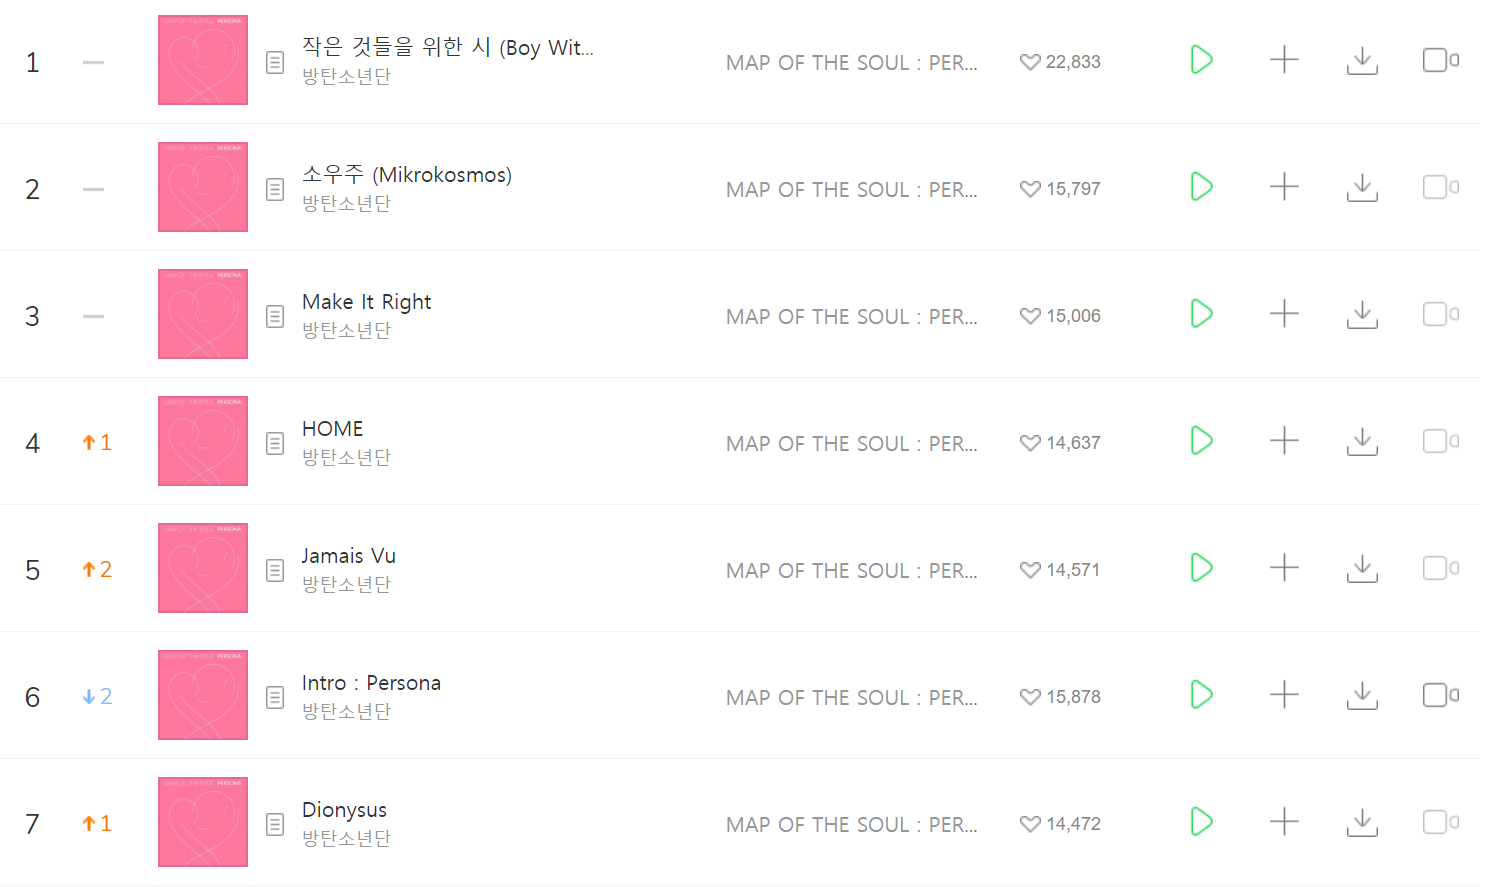 BTS khiến YouTube và Melon sập ngay khi comeback, lập hàng loạt kỷ lục trên mọi mặt trận